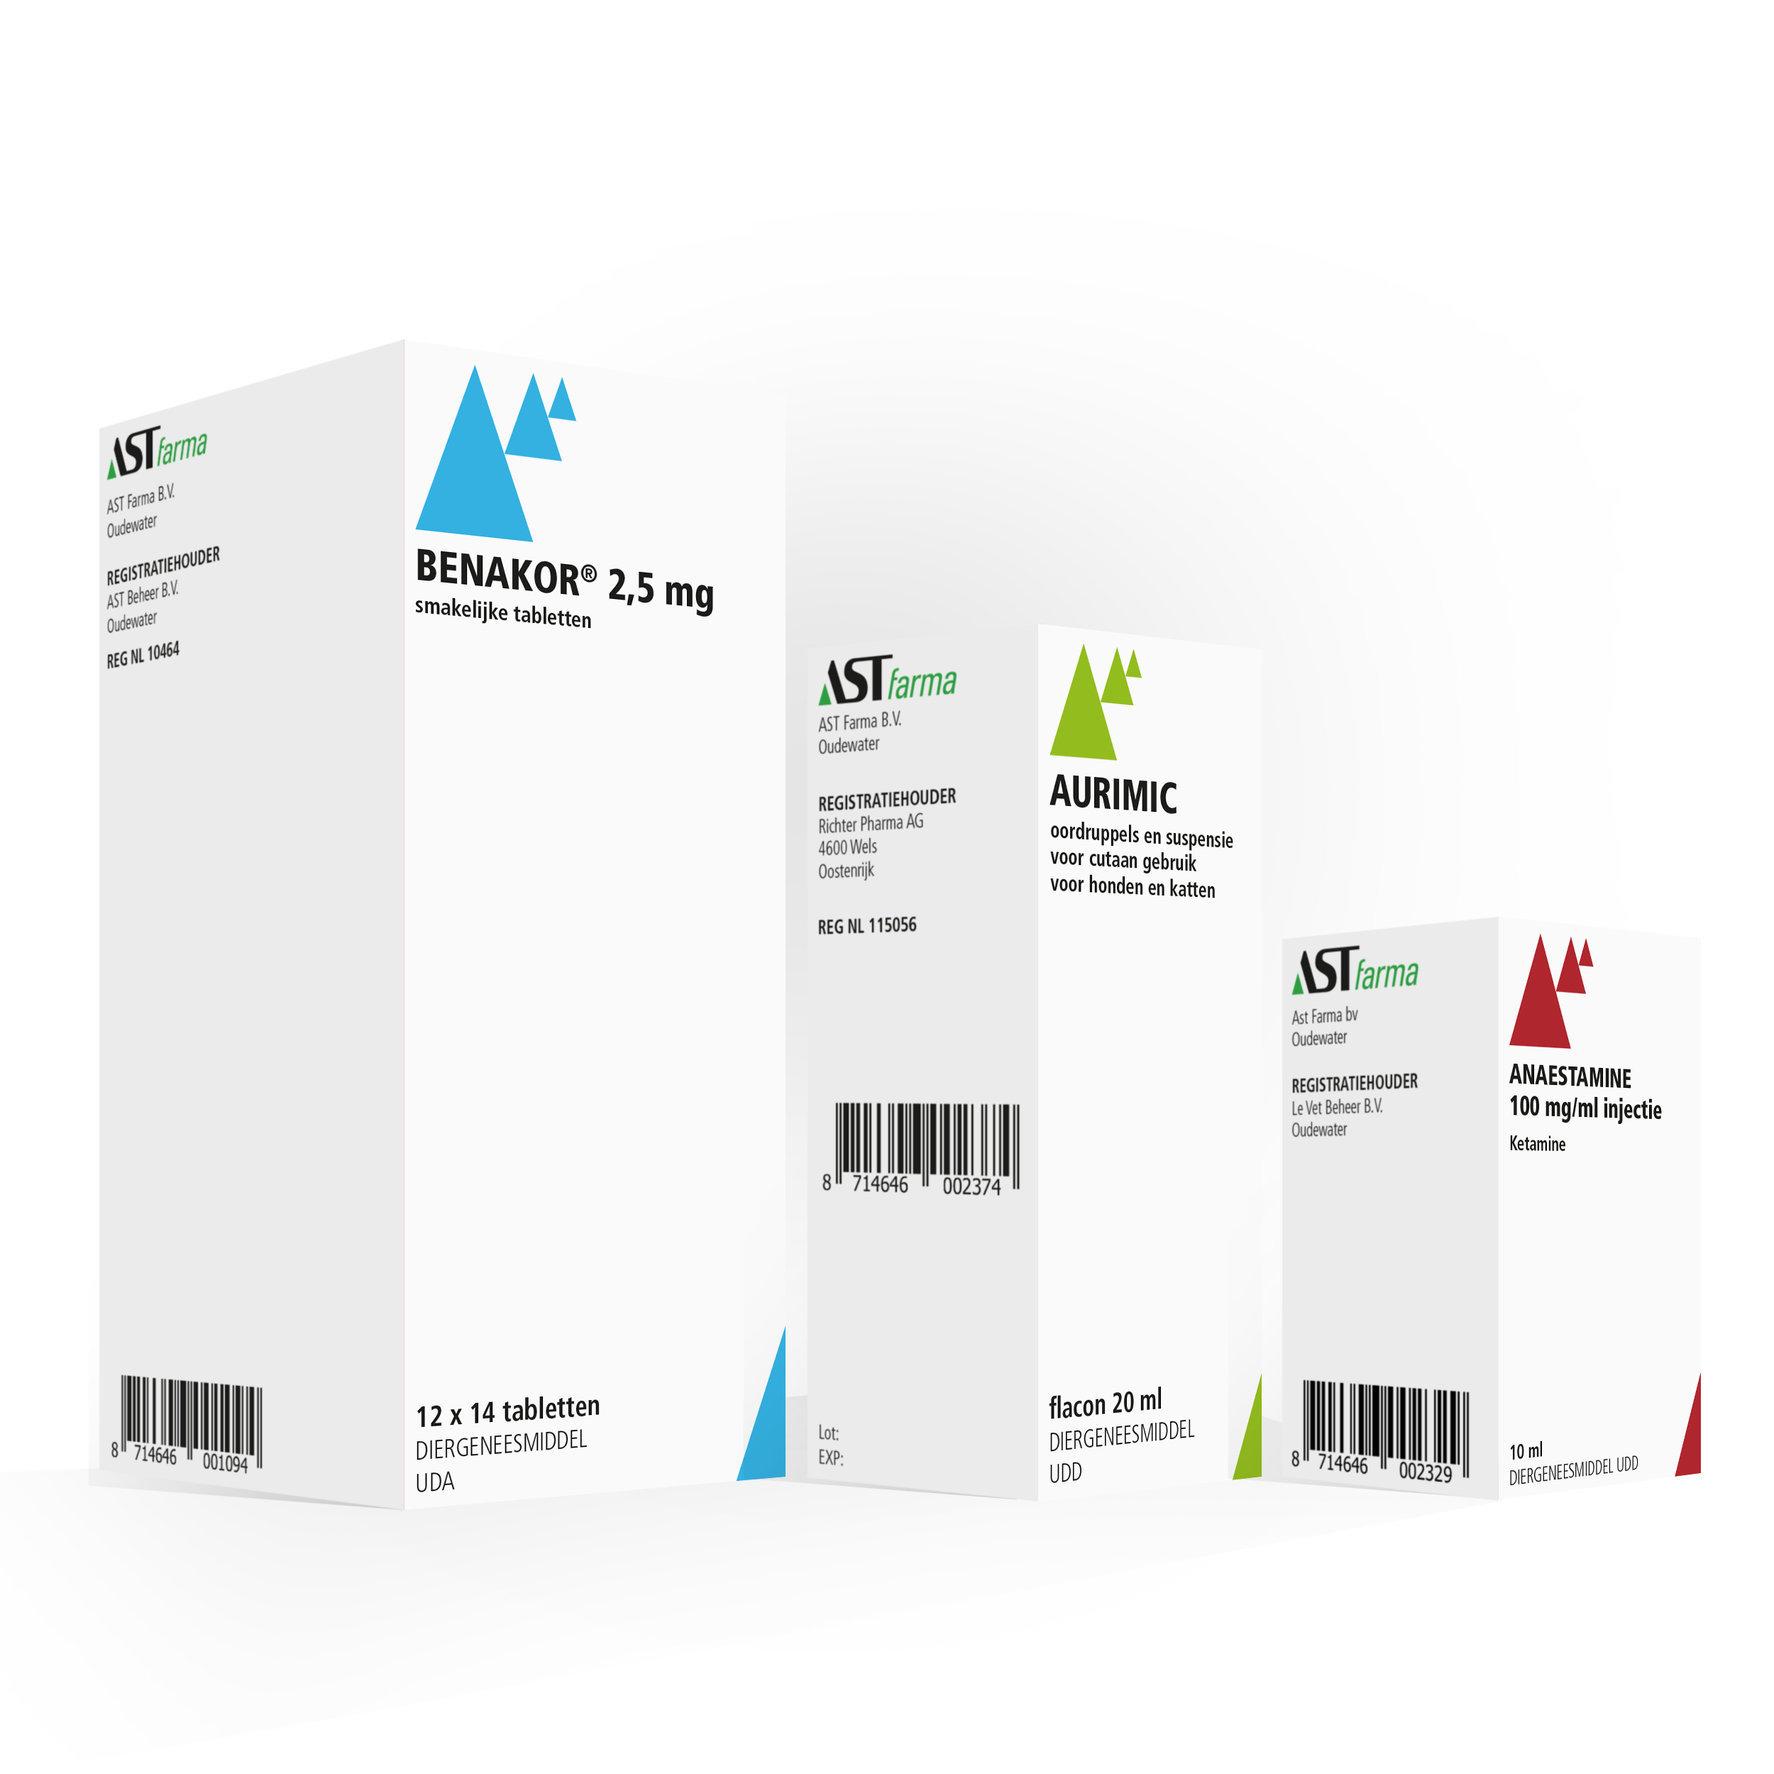 AST Farma | verpakkingen